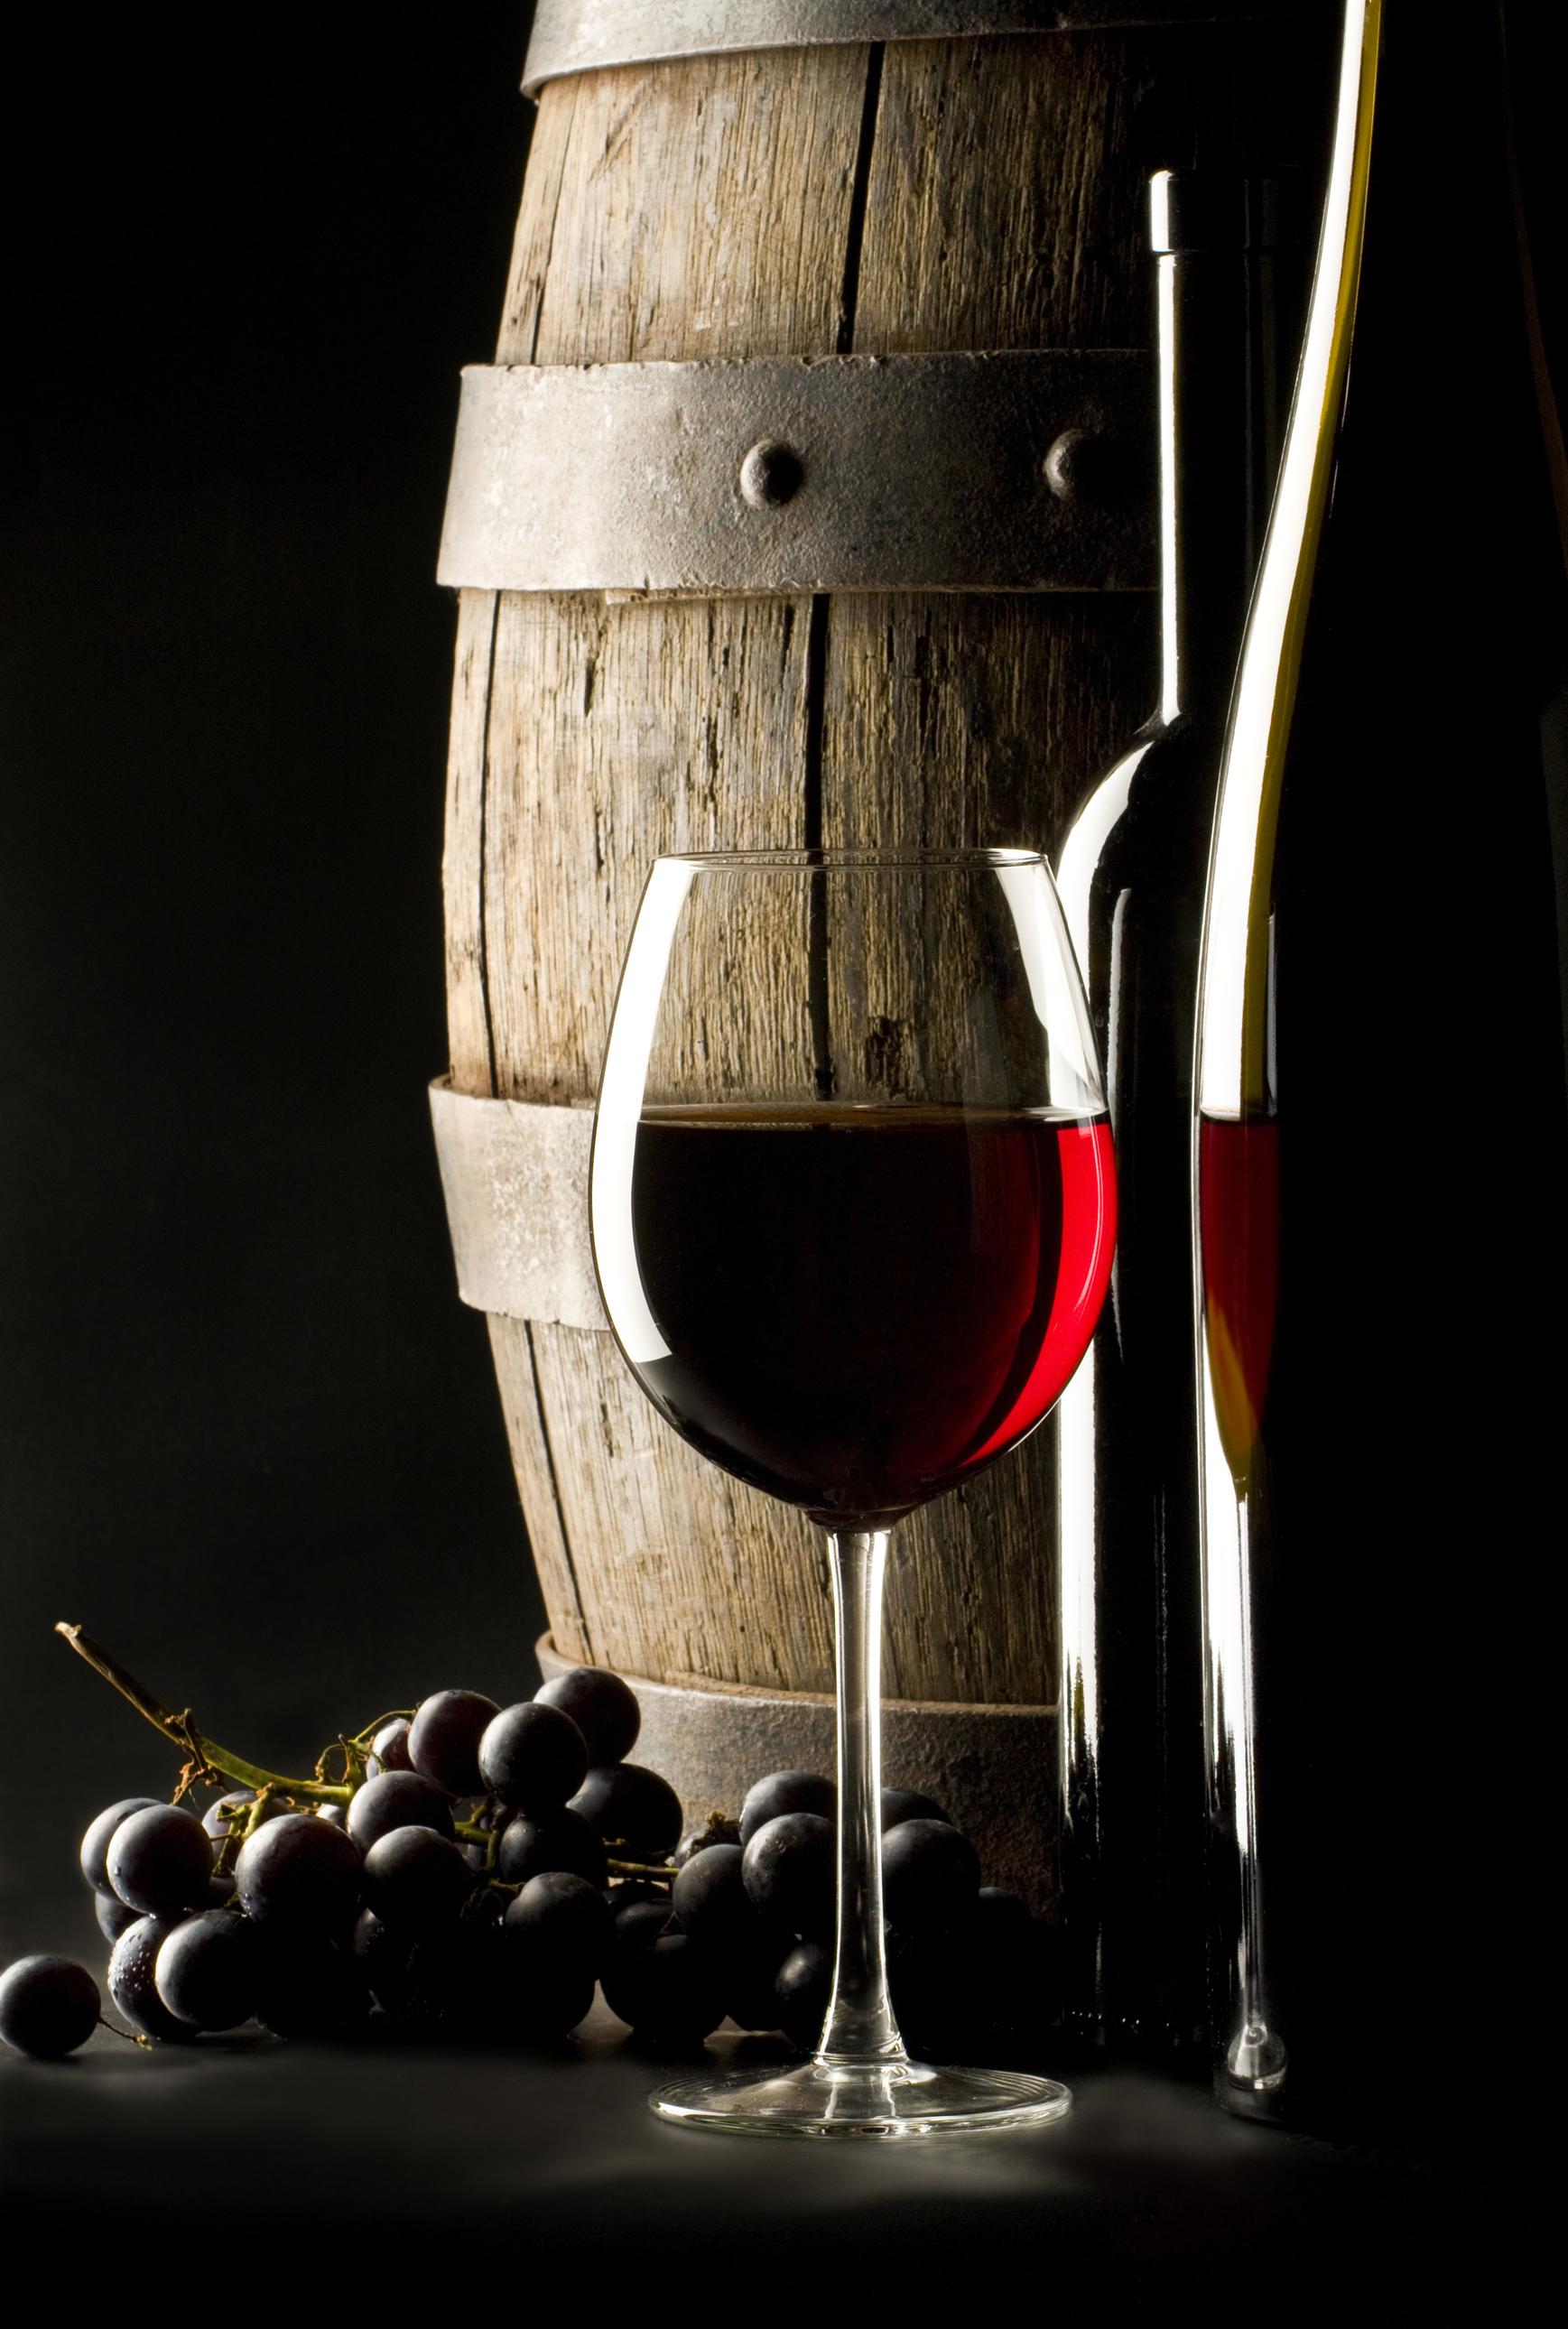 бочка, фино, красное вино, виноград, скачать обои для рабочего стола